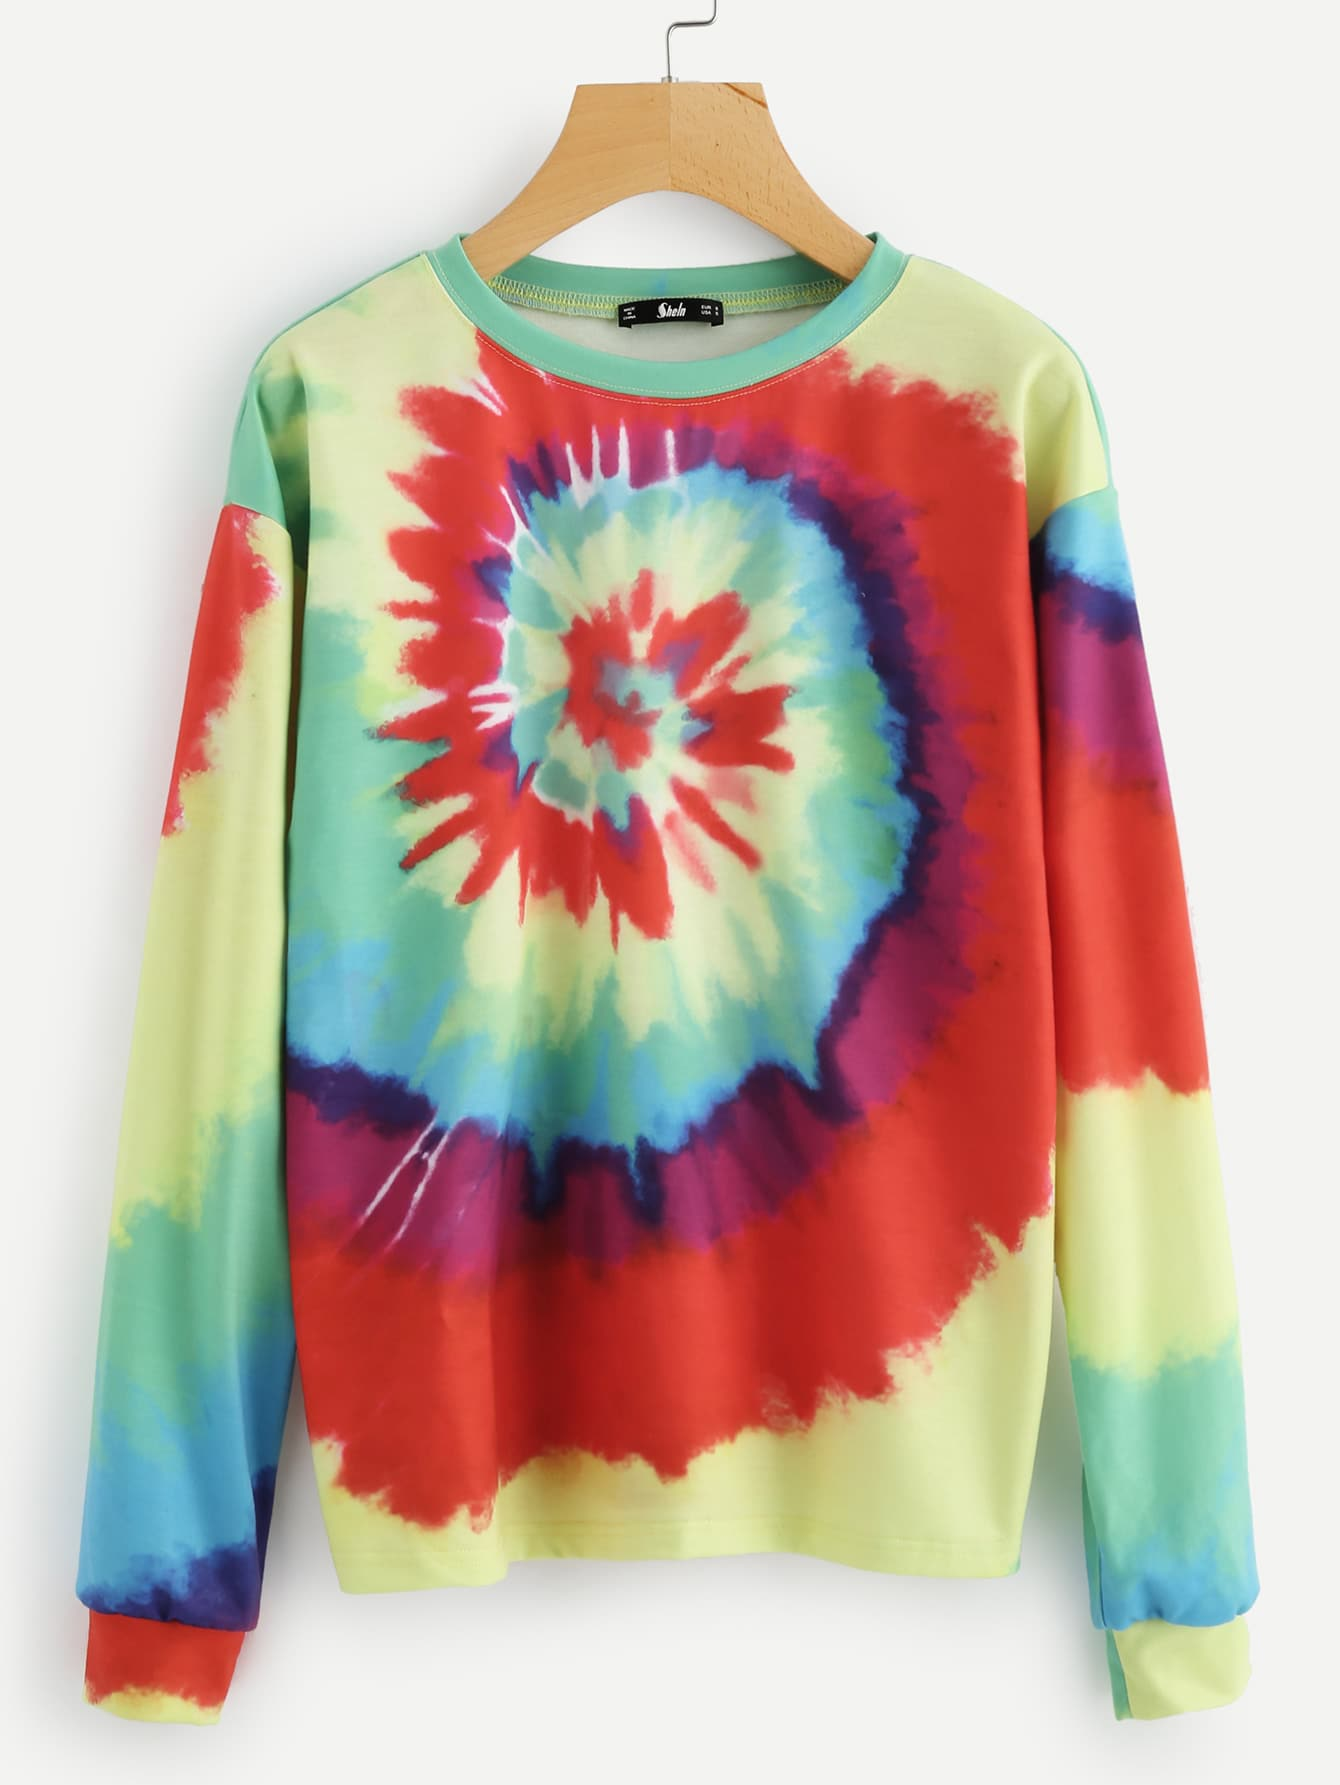 Spiral Tie Dye Sweatshirt